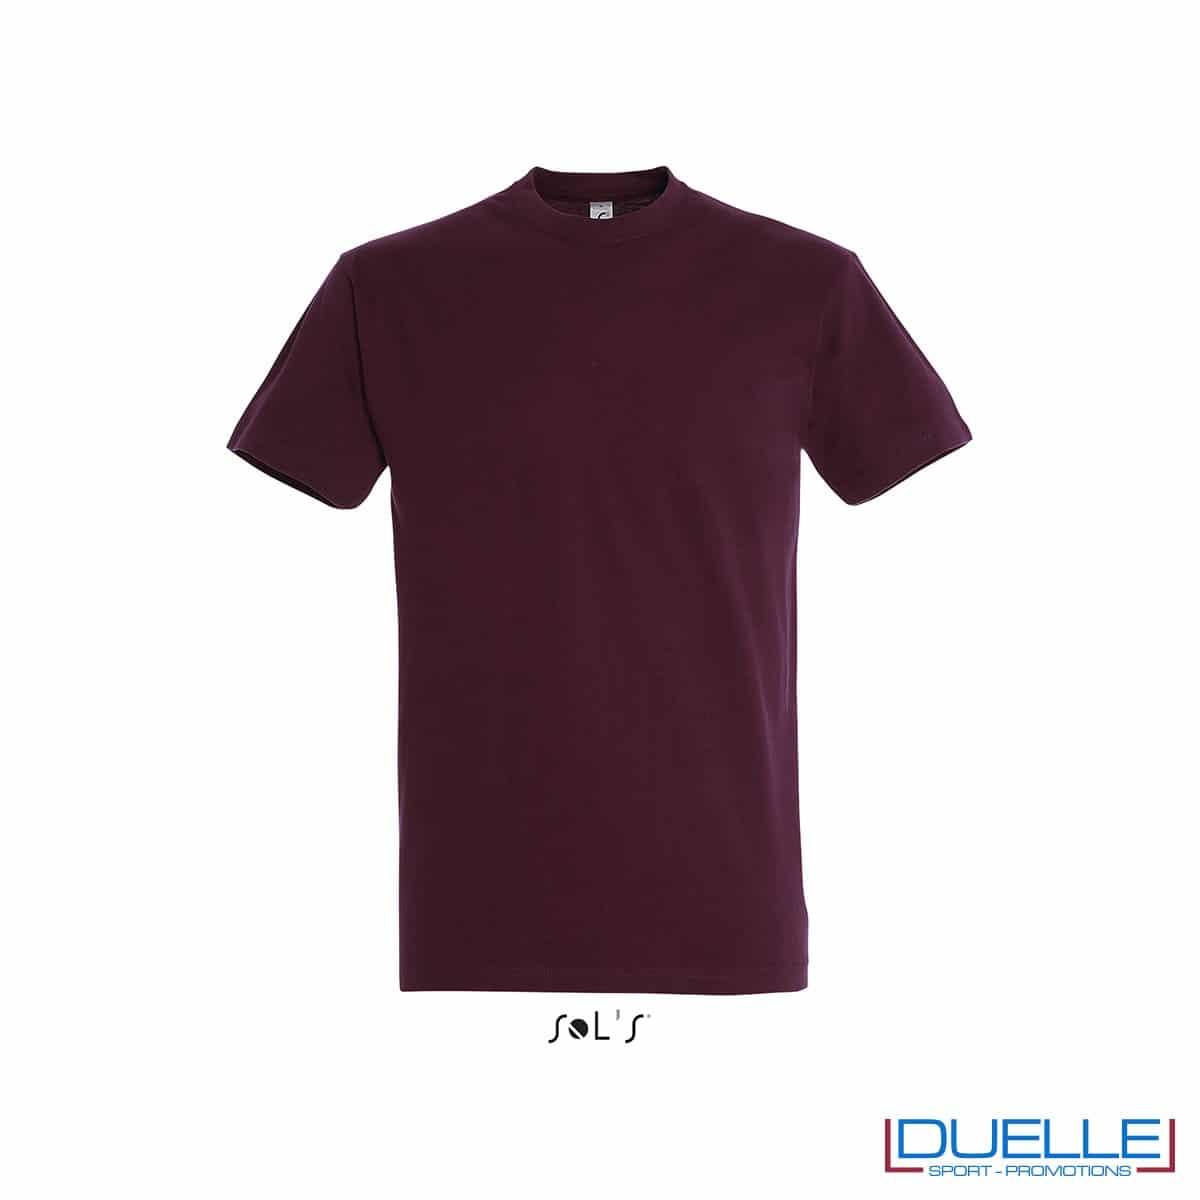 Maglietta promozionale in cotone pesante ROSSO BORDEAUX personalizzata con stampa o ricamo